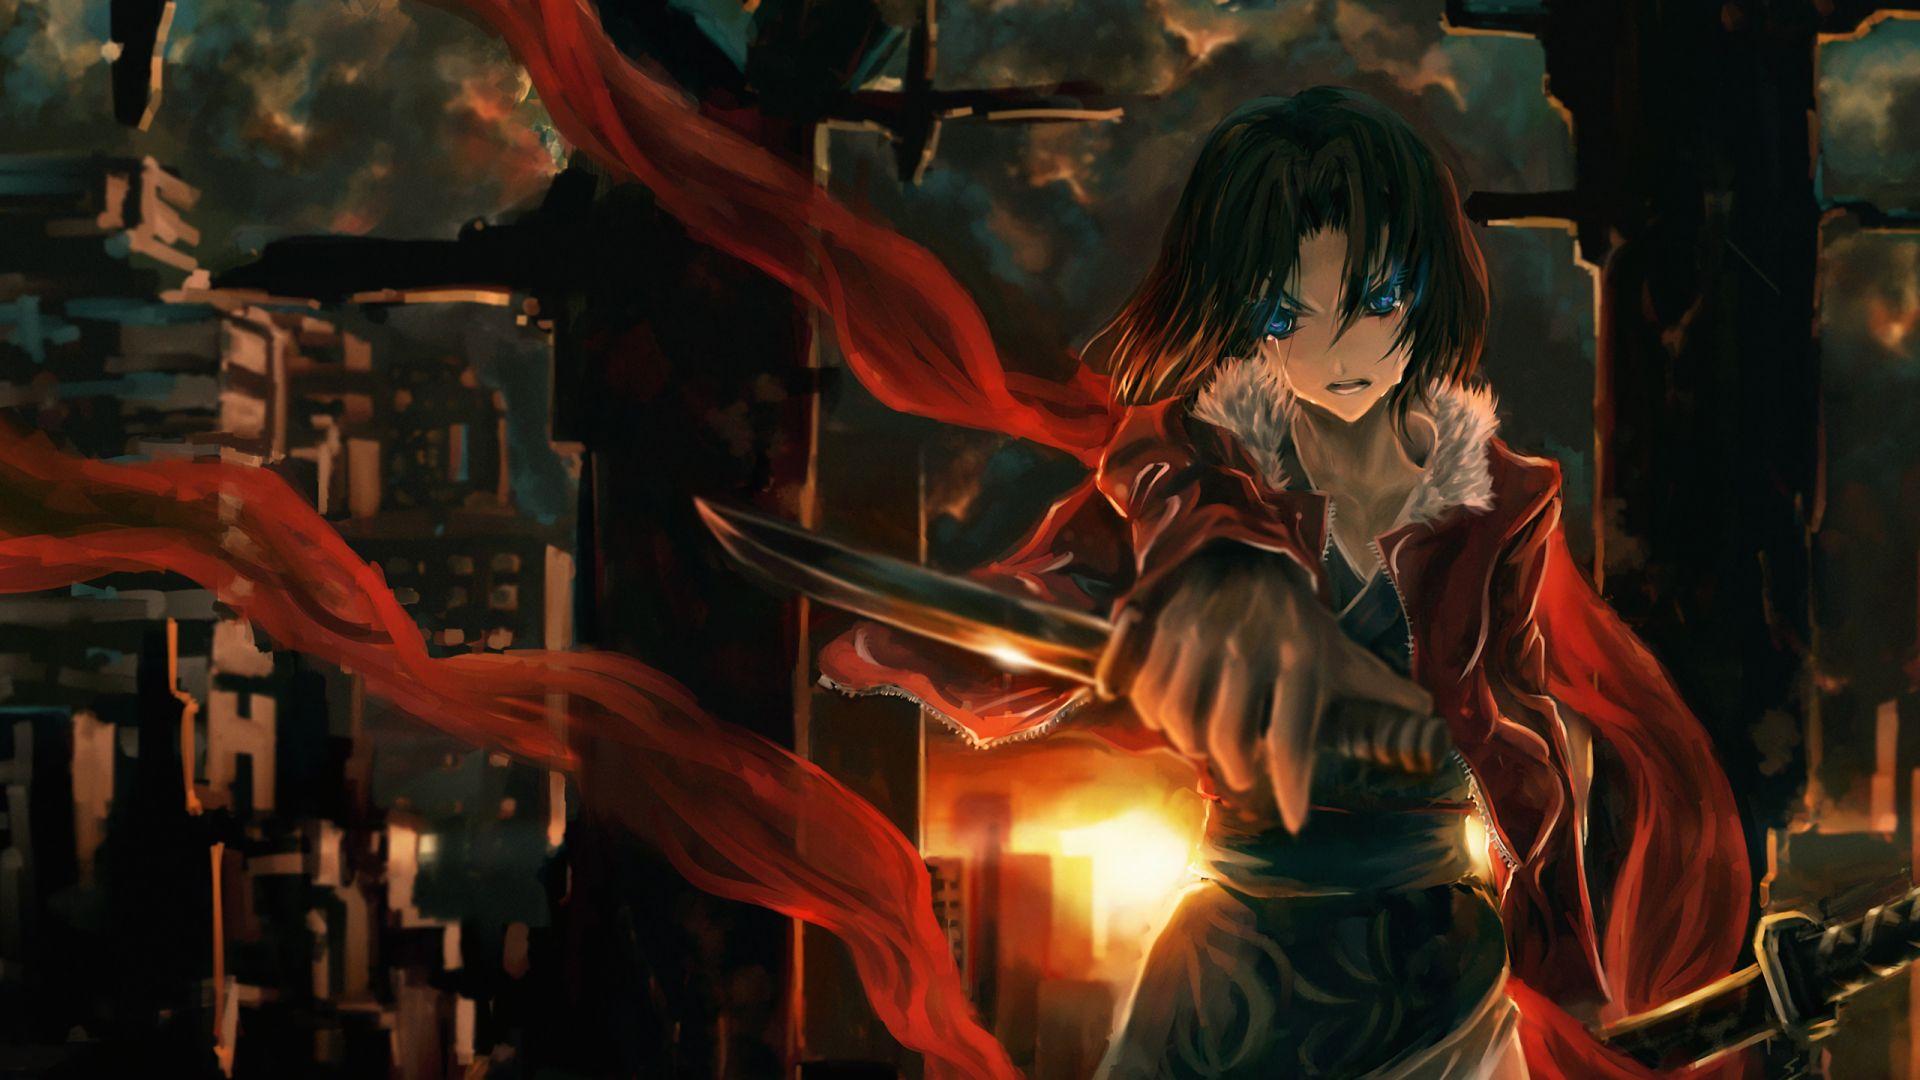 Wallpaper Ryougi Shiki, Fate/Grand Order, sword, anime girl, art